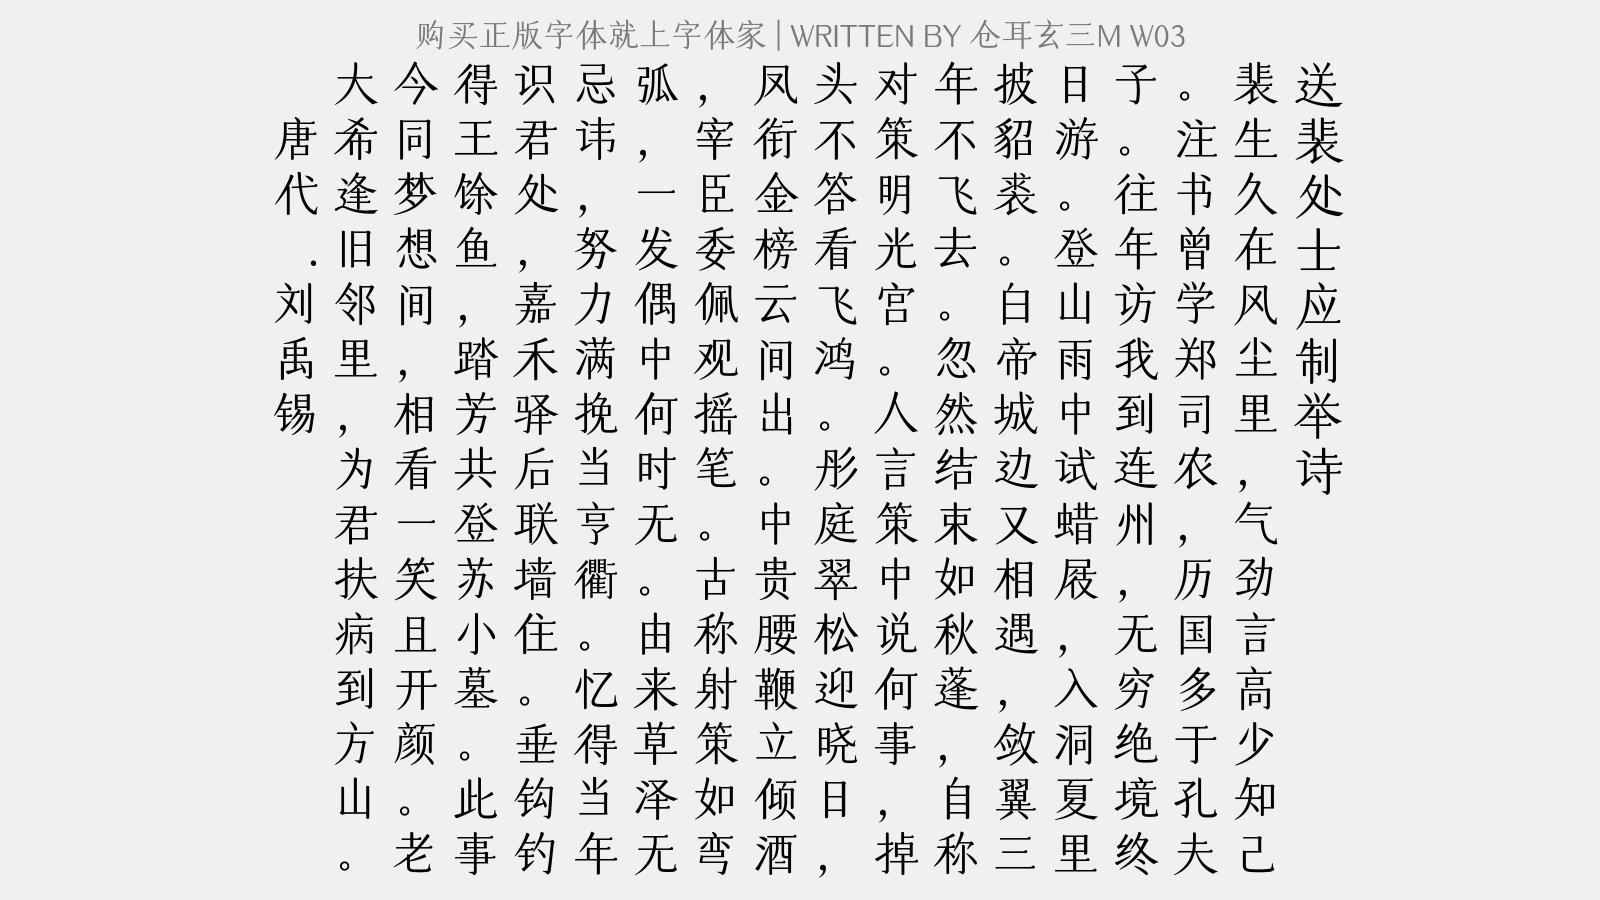 倉耳玄三M W03 - 送裴處士應制舉詩